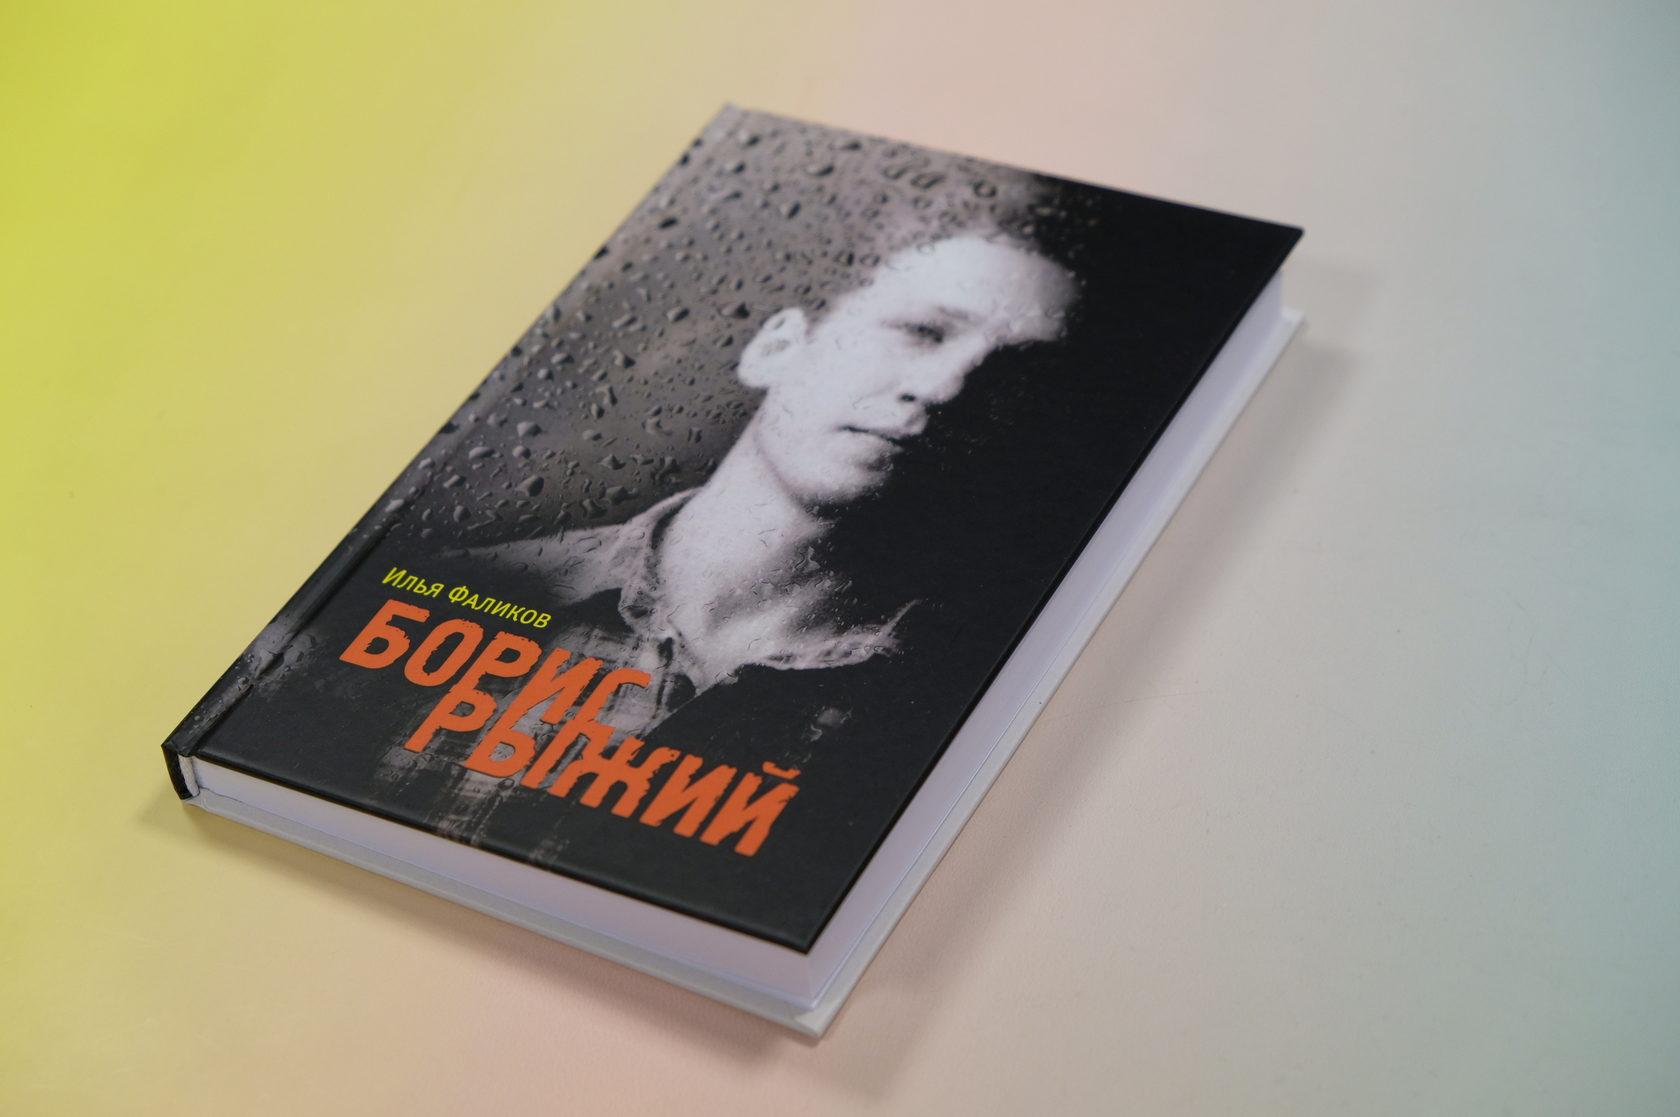 Купить книгу Илья Фаликов «Борис Рыжий. Дивий камень»